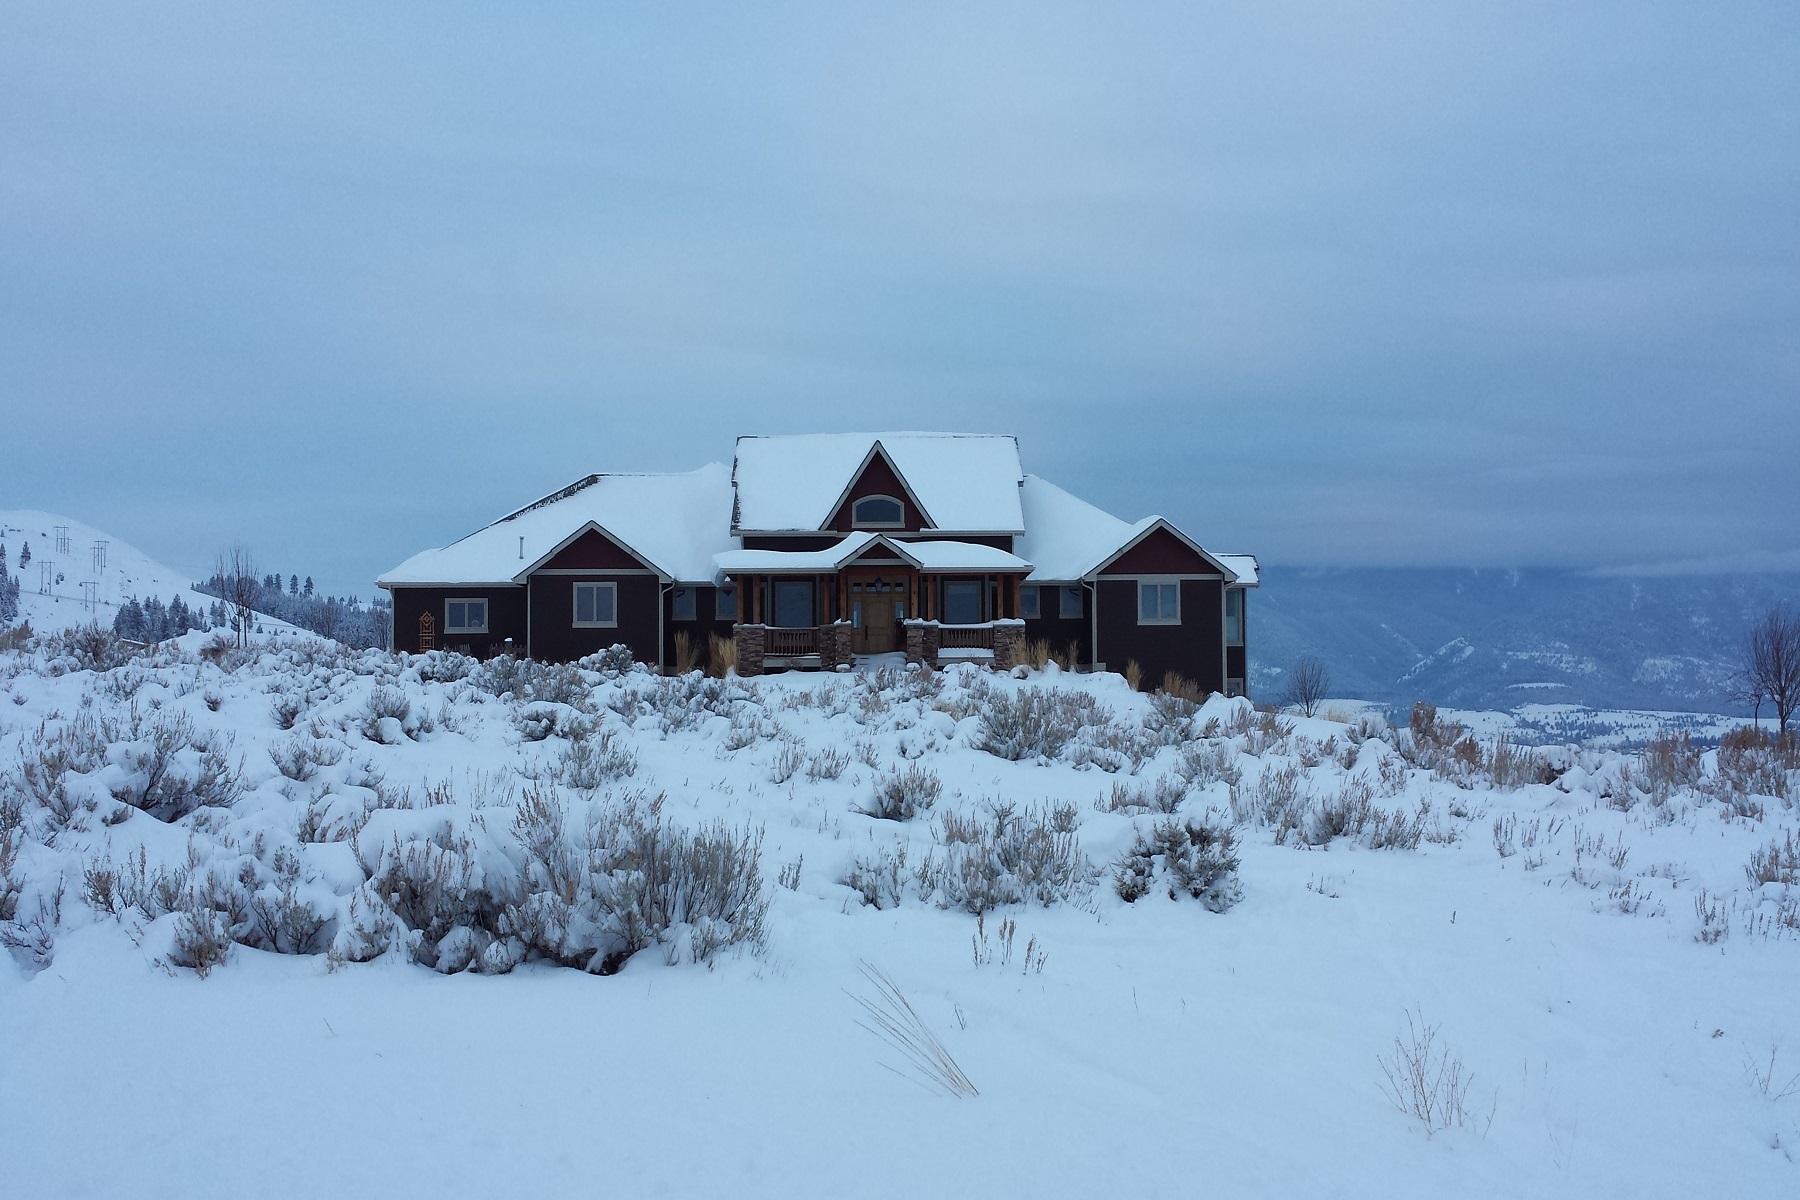 Casa Unifamiliar por un Venta en 3181 Evans Ridge Road Missoula, Montana 59803 Estados Unidos